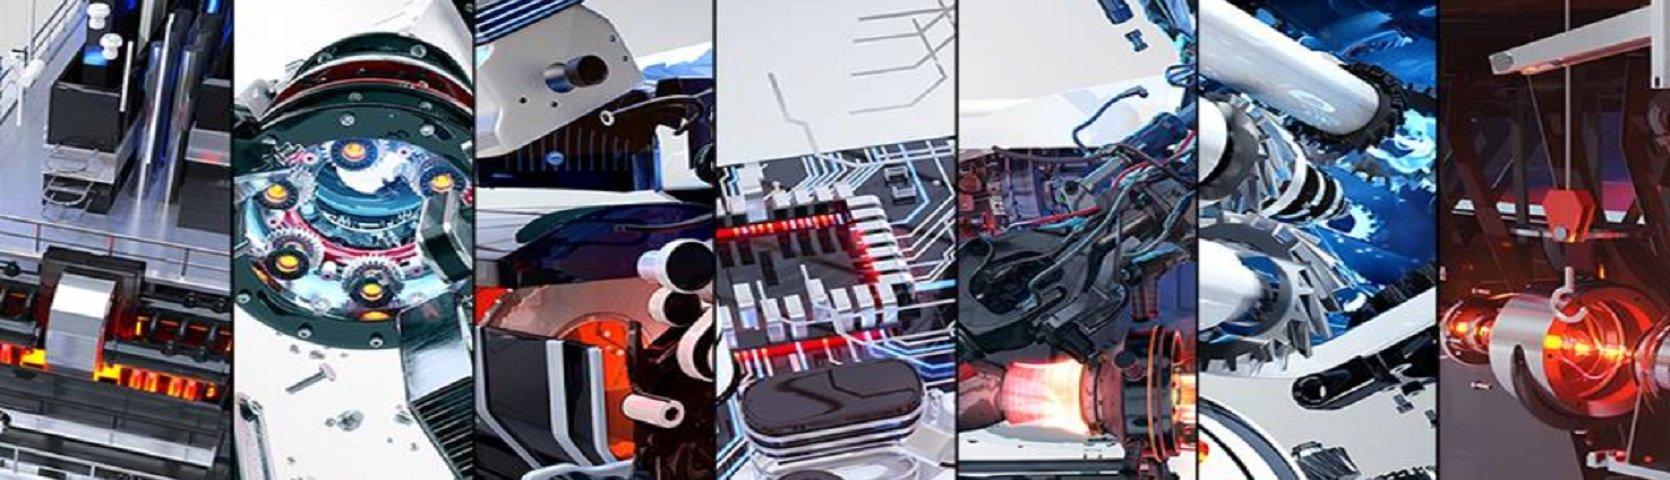 FERCHAU Engineering GmbH Niederlassung Koblenz